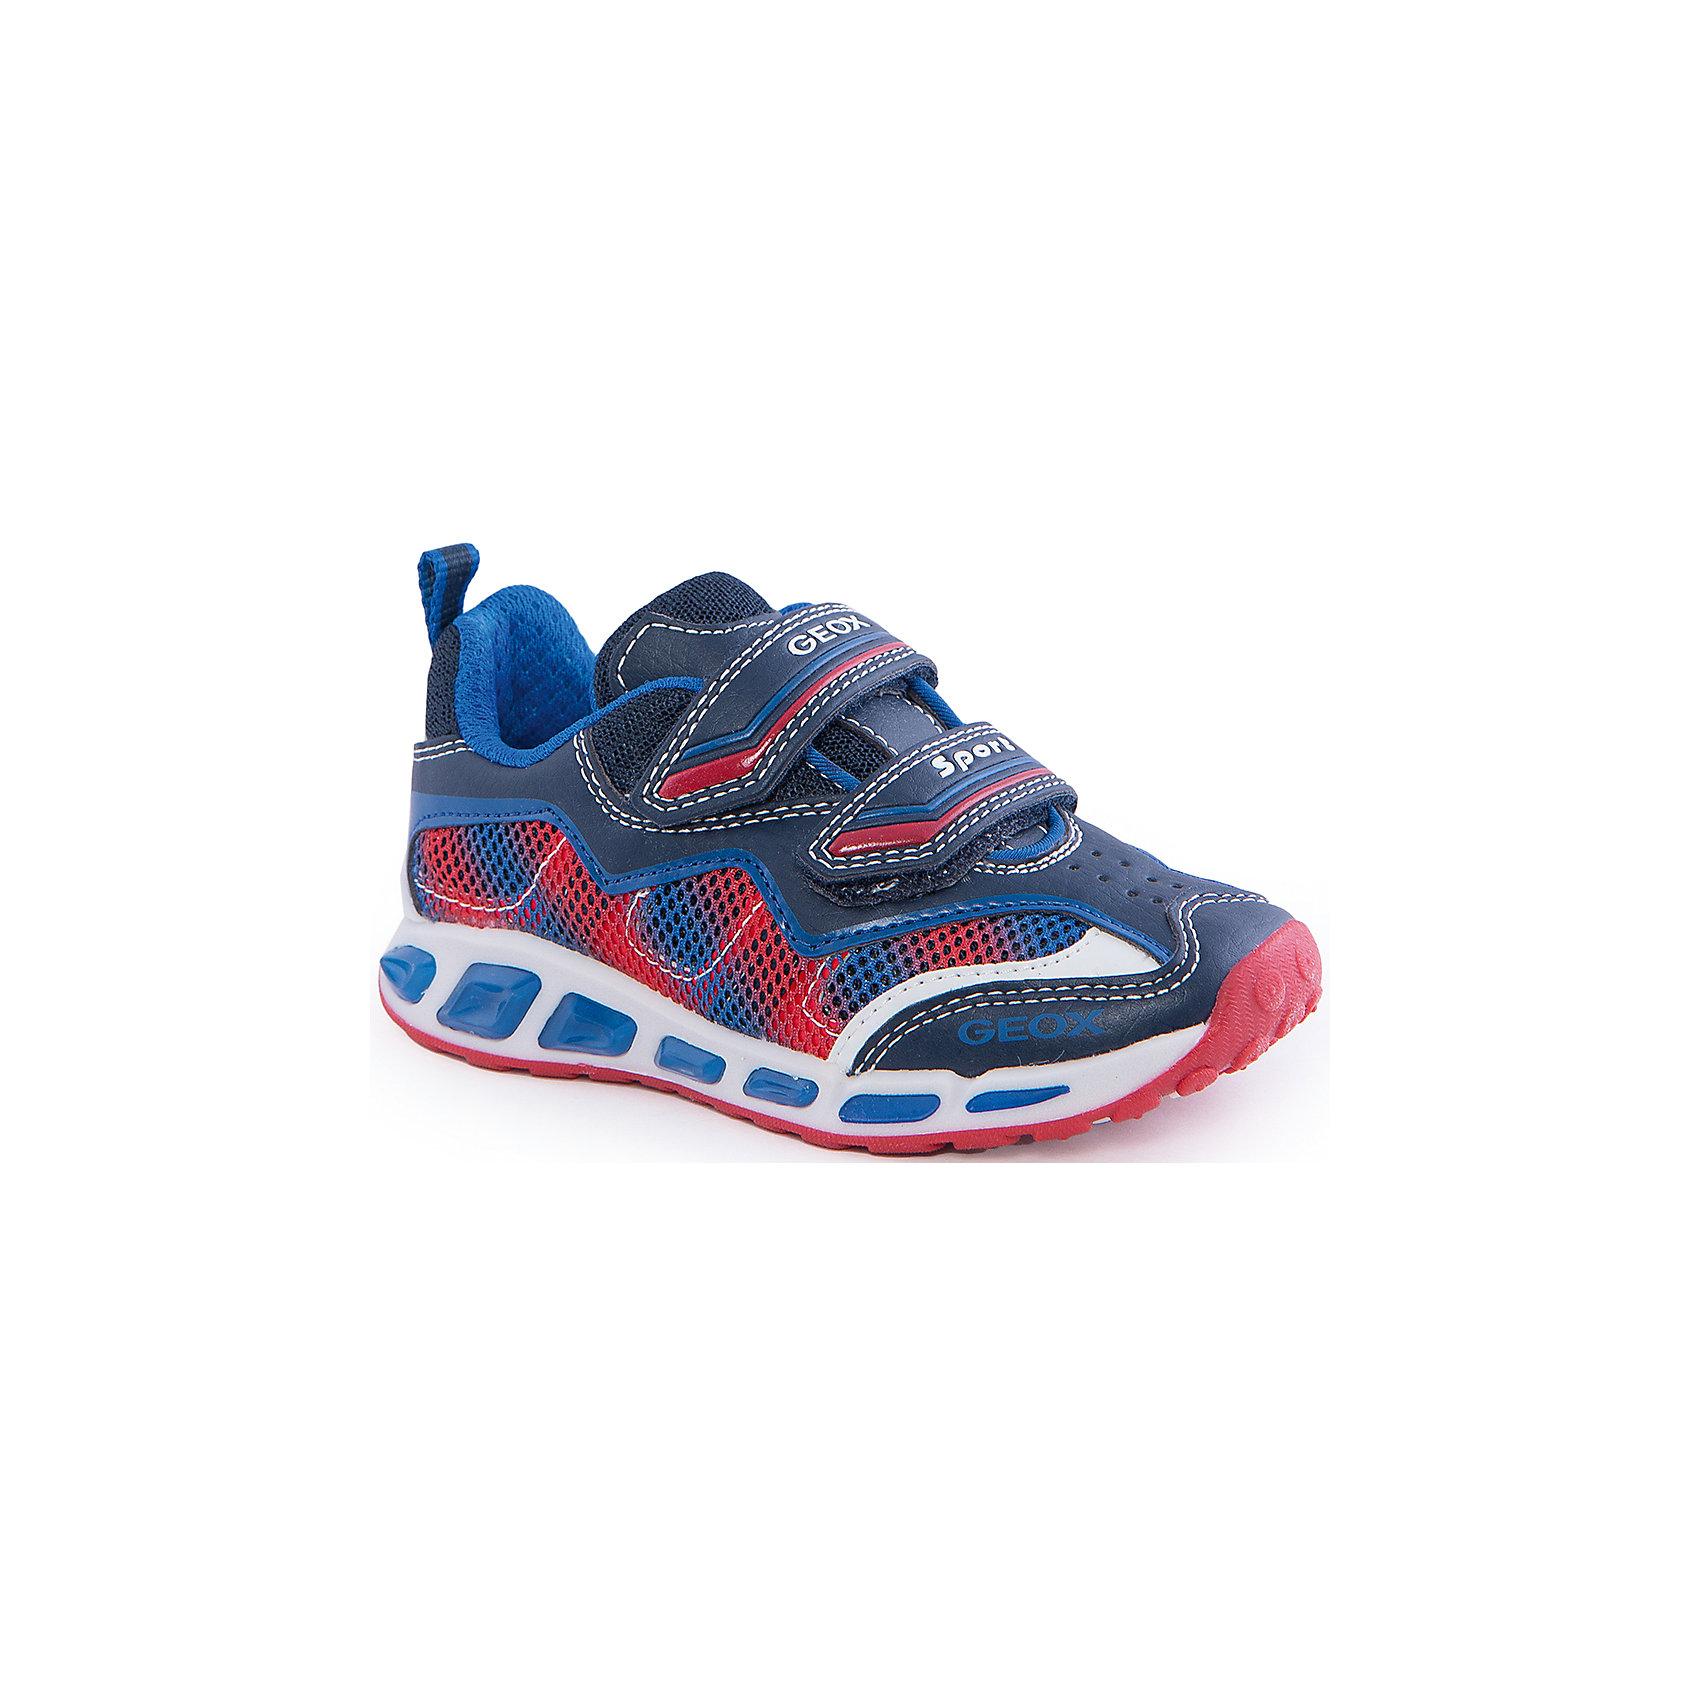 Кроссовки со светодиодами для мальчика GEOXКроссовки для мальчика от популярной марки GEOX (Геокс).<br><br>Эти легкие кроссовки - отличная обувь для нового весеннего сезона. Модель очень стильно и оригинально смотрится.<br>Производитель обуви заботится не только о внешнем виде, но и стабильно высоком качестве продукции. GEOX (Геокс) разработал специальную дышащую подошву, которая не пропускает влагу внутрь, а также высокотехнологичную стельку.<br><br>Отличительные особенности модели:<br><br>- цвет: синий;<br>- декорированы белыми и красными элементами;<br>- гибкая водоотталкивающая подошва с дышащей мембраной;<br>- мягкий и легкий верх;<br>- защита пальцев и пятки;<br>- стильный дизайн;<br>- удобная застежка-липучка;<br>- комфортное облегание;<br>- верх обуви и подкладка сделаны без использования хрома.<br><br>Дополнительная информация:<br><br>- Температурный режим: от +10° С до 25° С.<br><br>- Состав:<br><br>материал верха: текстиль, синтетический материал<br>материал подкладки: текстиль<br>подошва: 100% резина<br><br>Кроссовки для мальчика GEOX (Геокс) (Геокс) можно купить в нашем магазине.<br><br>Ширина мм: 250<br>Глубина мм: 150<br>Высота мм: 150<br>Вес г: 250<br>Цвет: синий<br>Возраст от месяцев: 24<br>Возраст до месяцев: 36<br>Пол: Мужской<br>Возраст: Детский<br>Размер: 26,35,38,27,28,29,31,32,34,36,37,33,30<br>SKU: 4519781